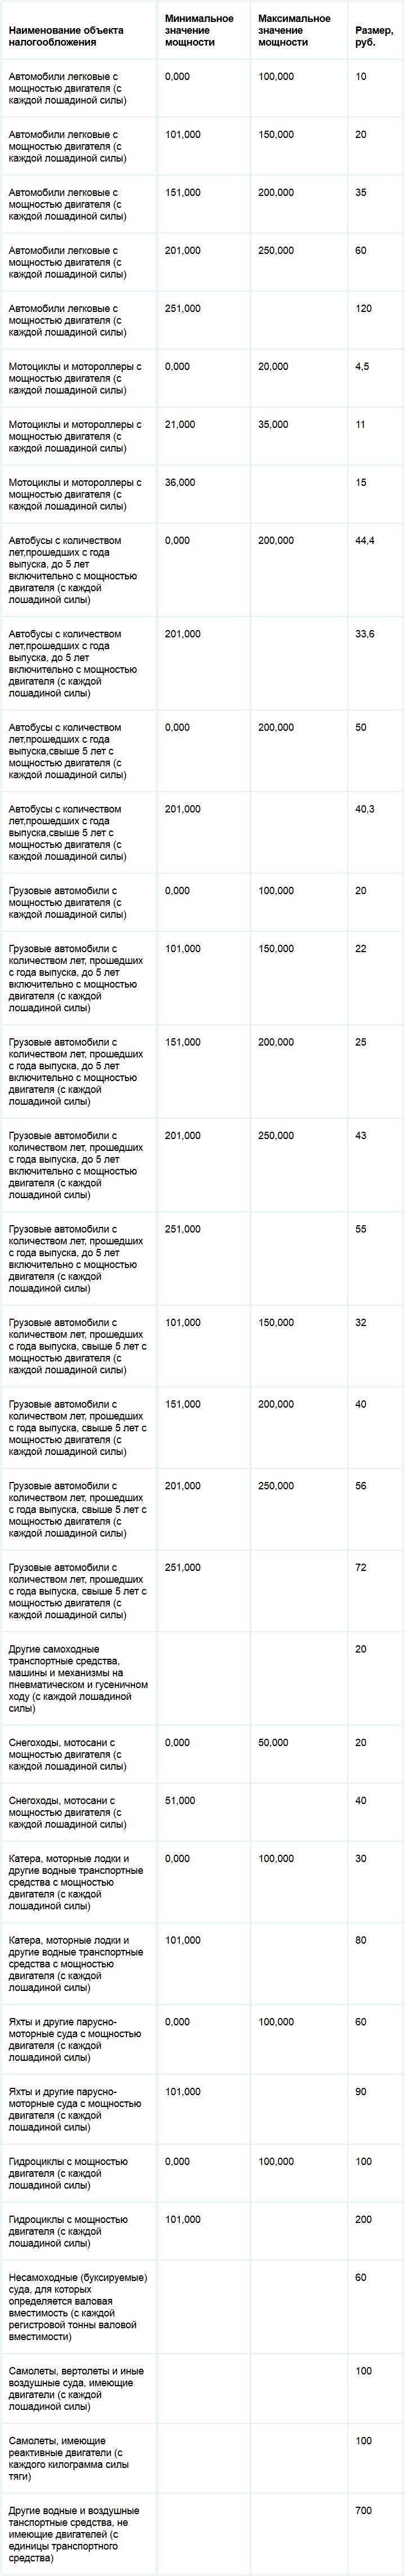 Ставки транспортного налога Ивановской области